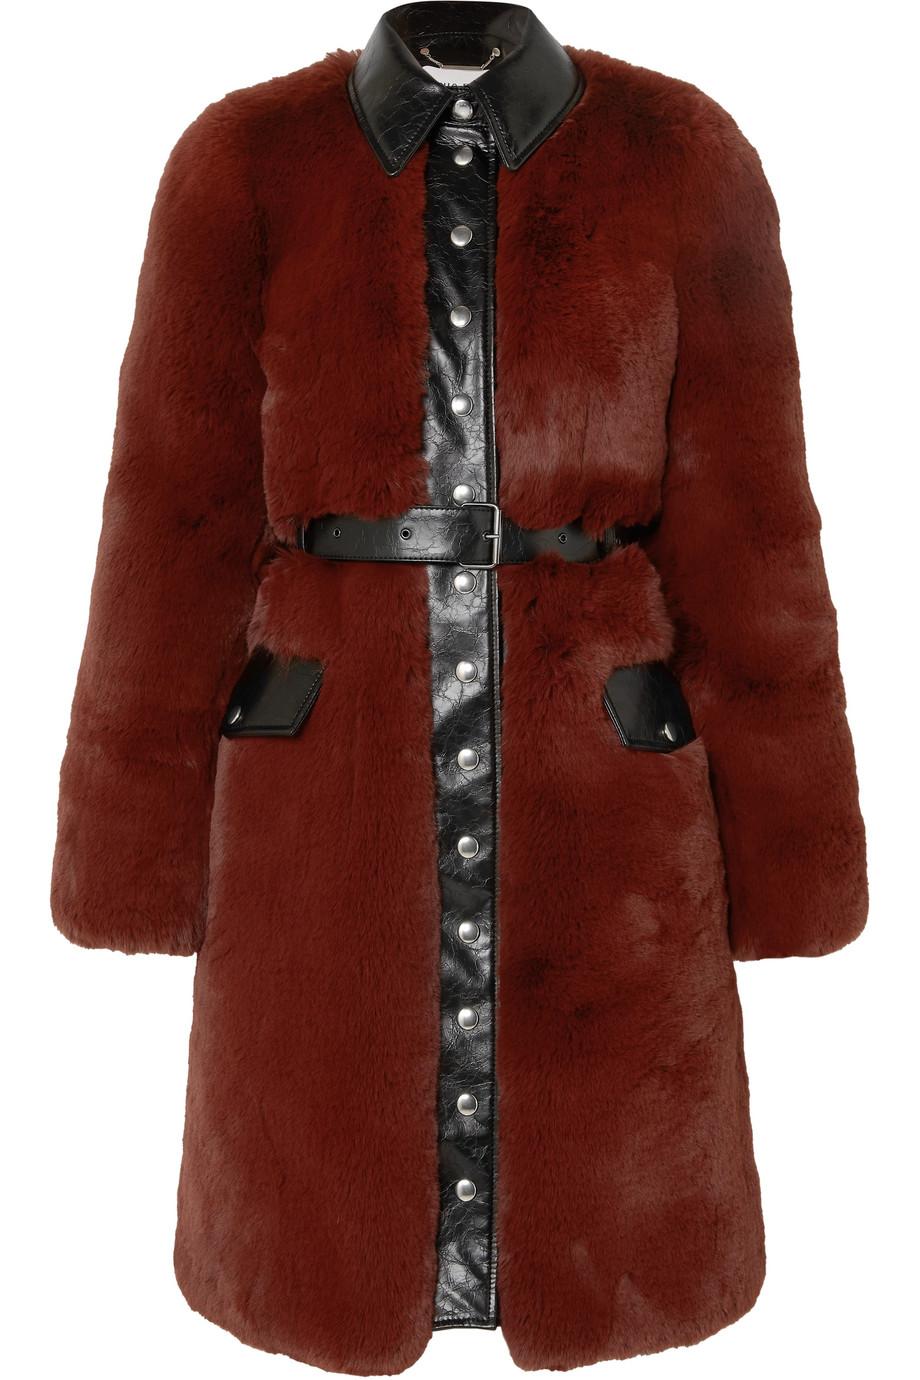 SONIA RYKIEL Belted faux fur coat, £1,975